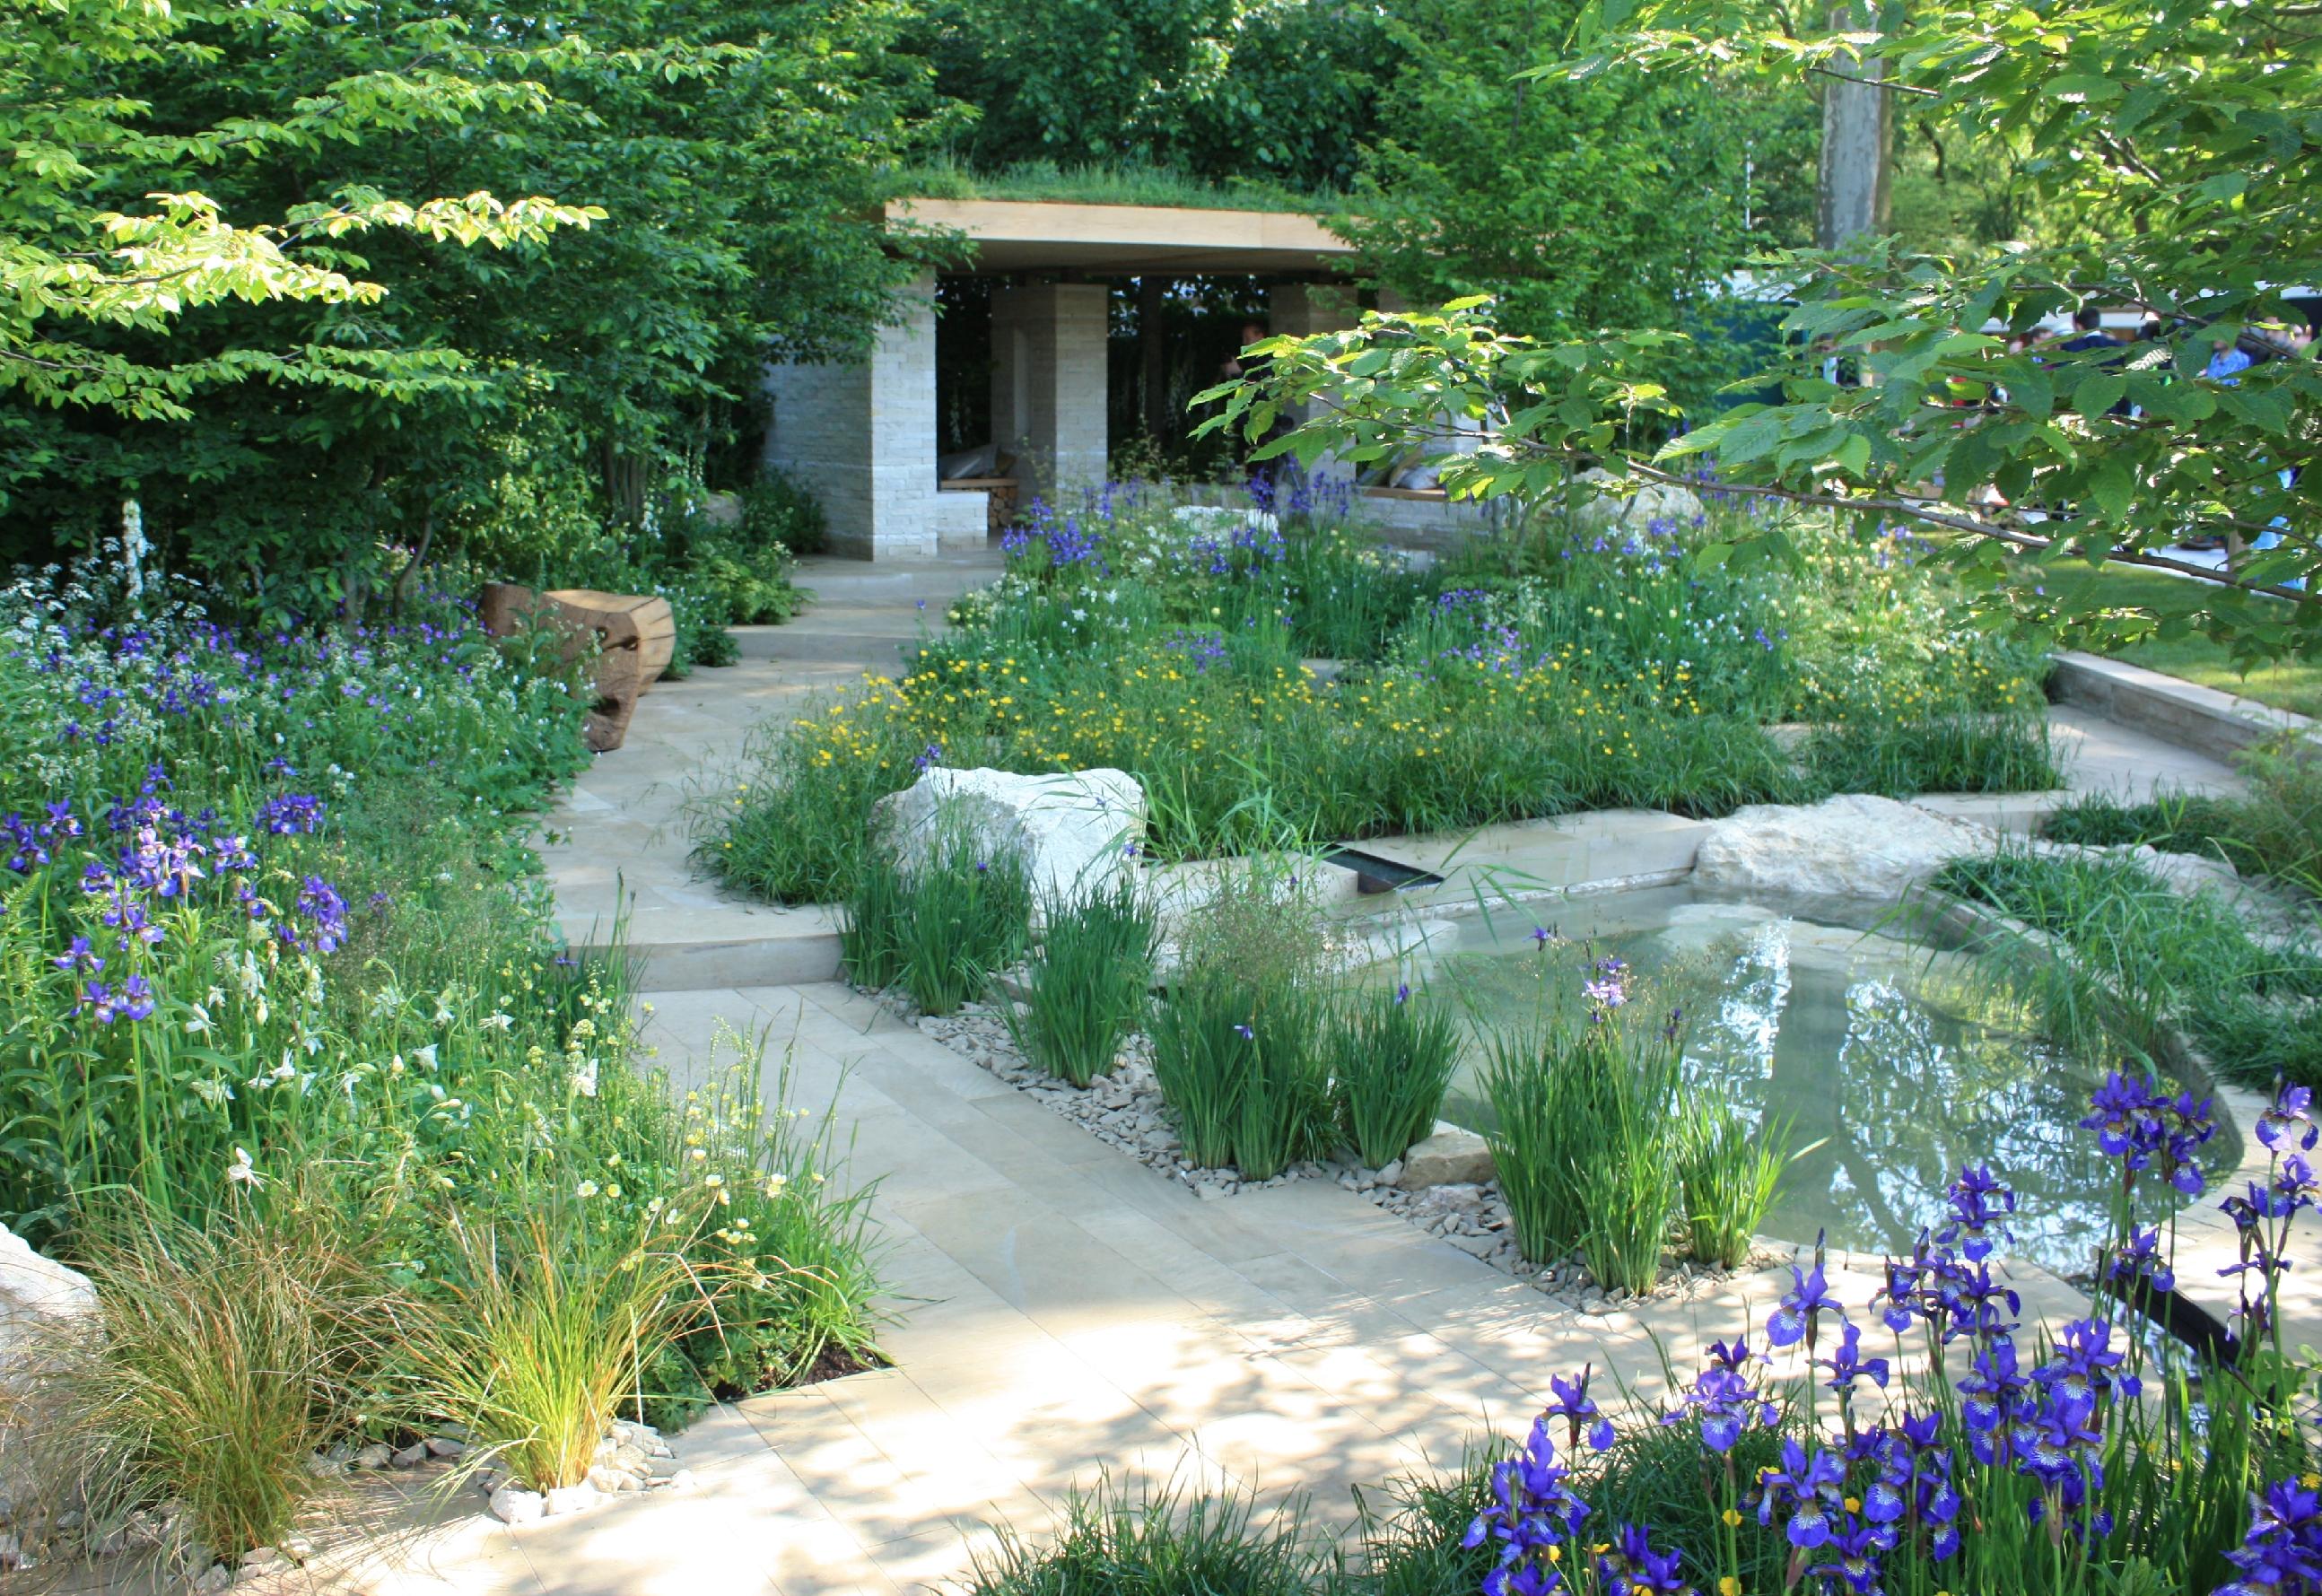 Rhs chelsea 2014 the homebase garden time to reflect for Garden trees homebase